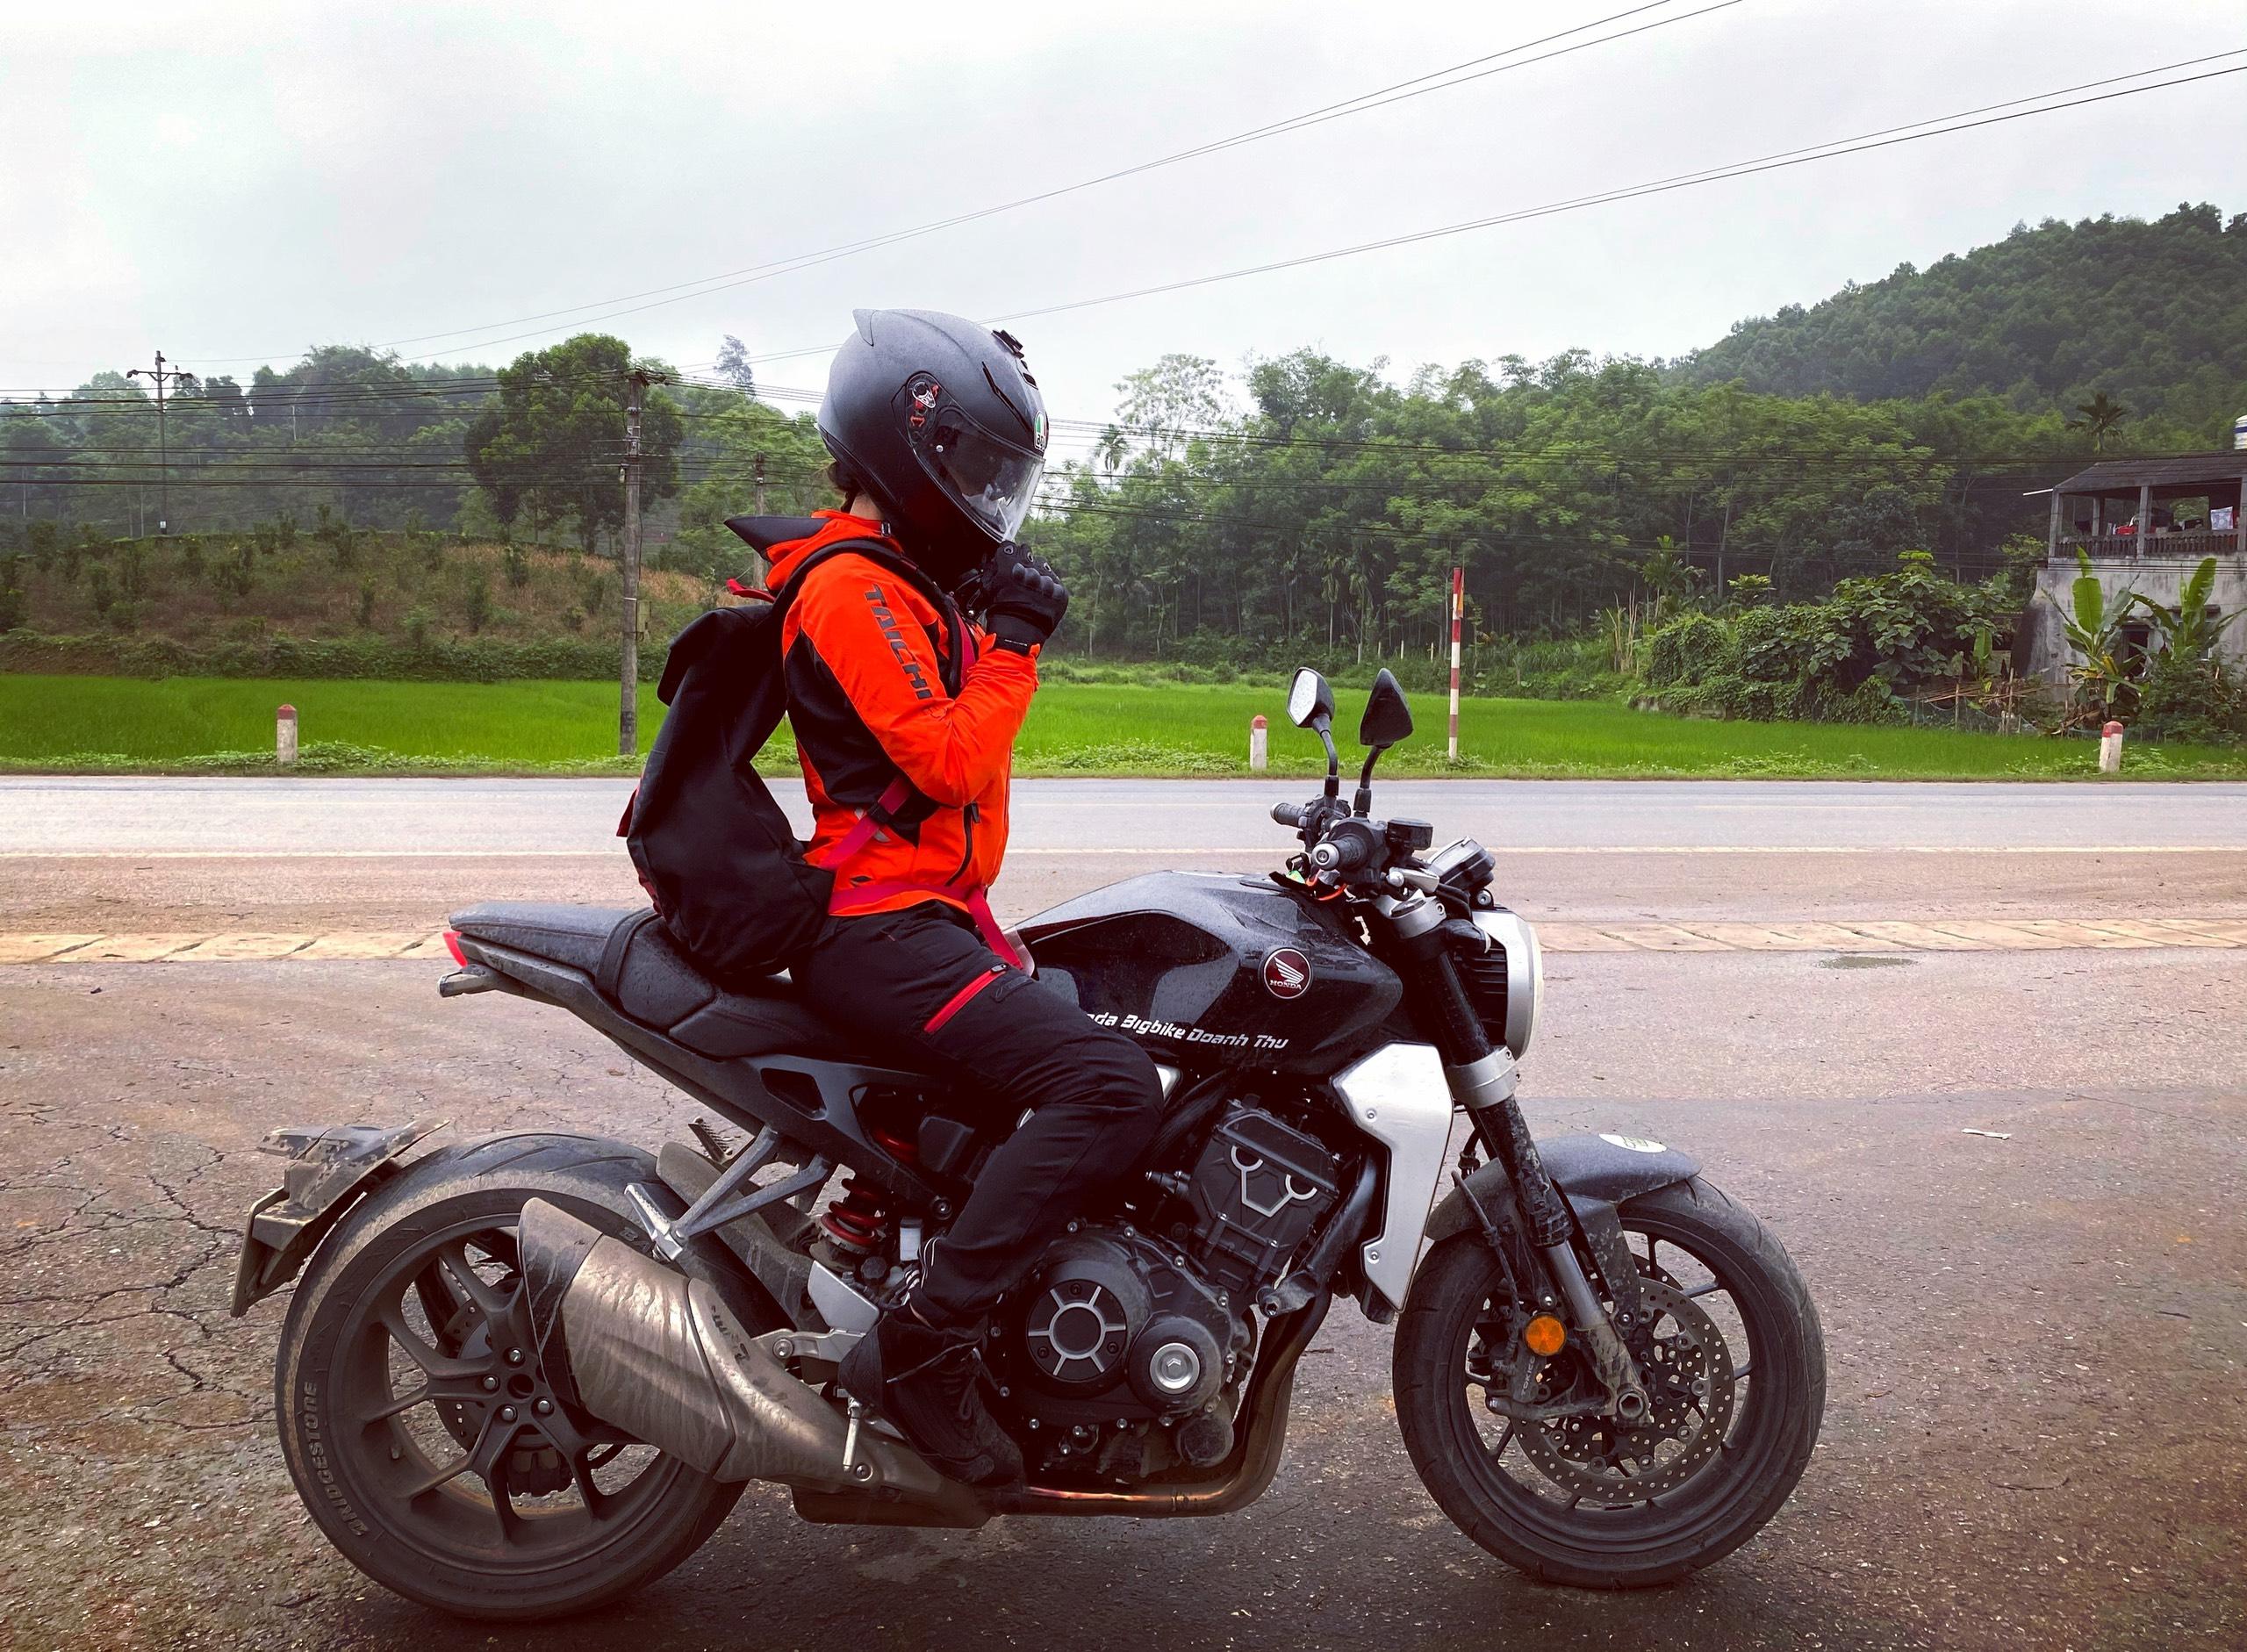 Nữ biker Diễm Trần xinh đẹp hớp hồn cánh mày râu, lại đa tài hiếm có - Ảnh 7.